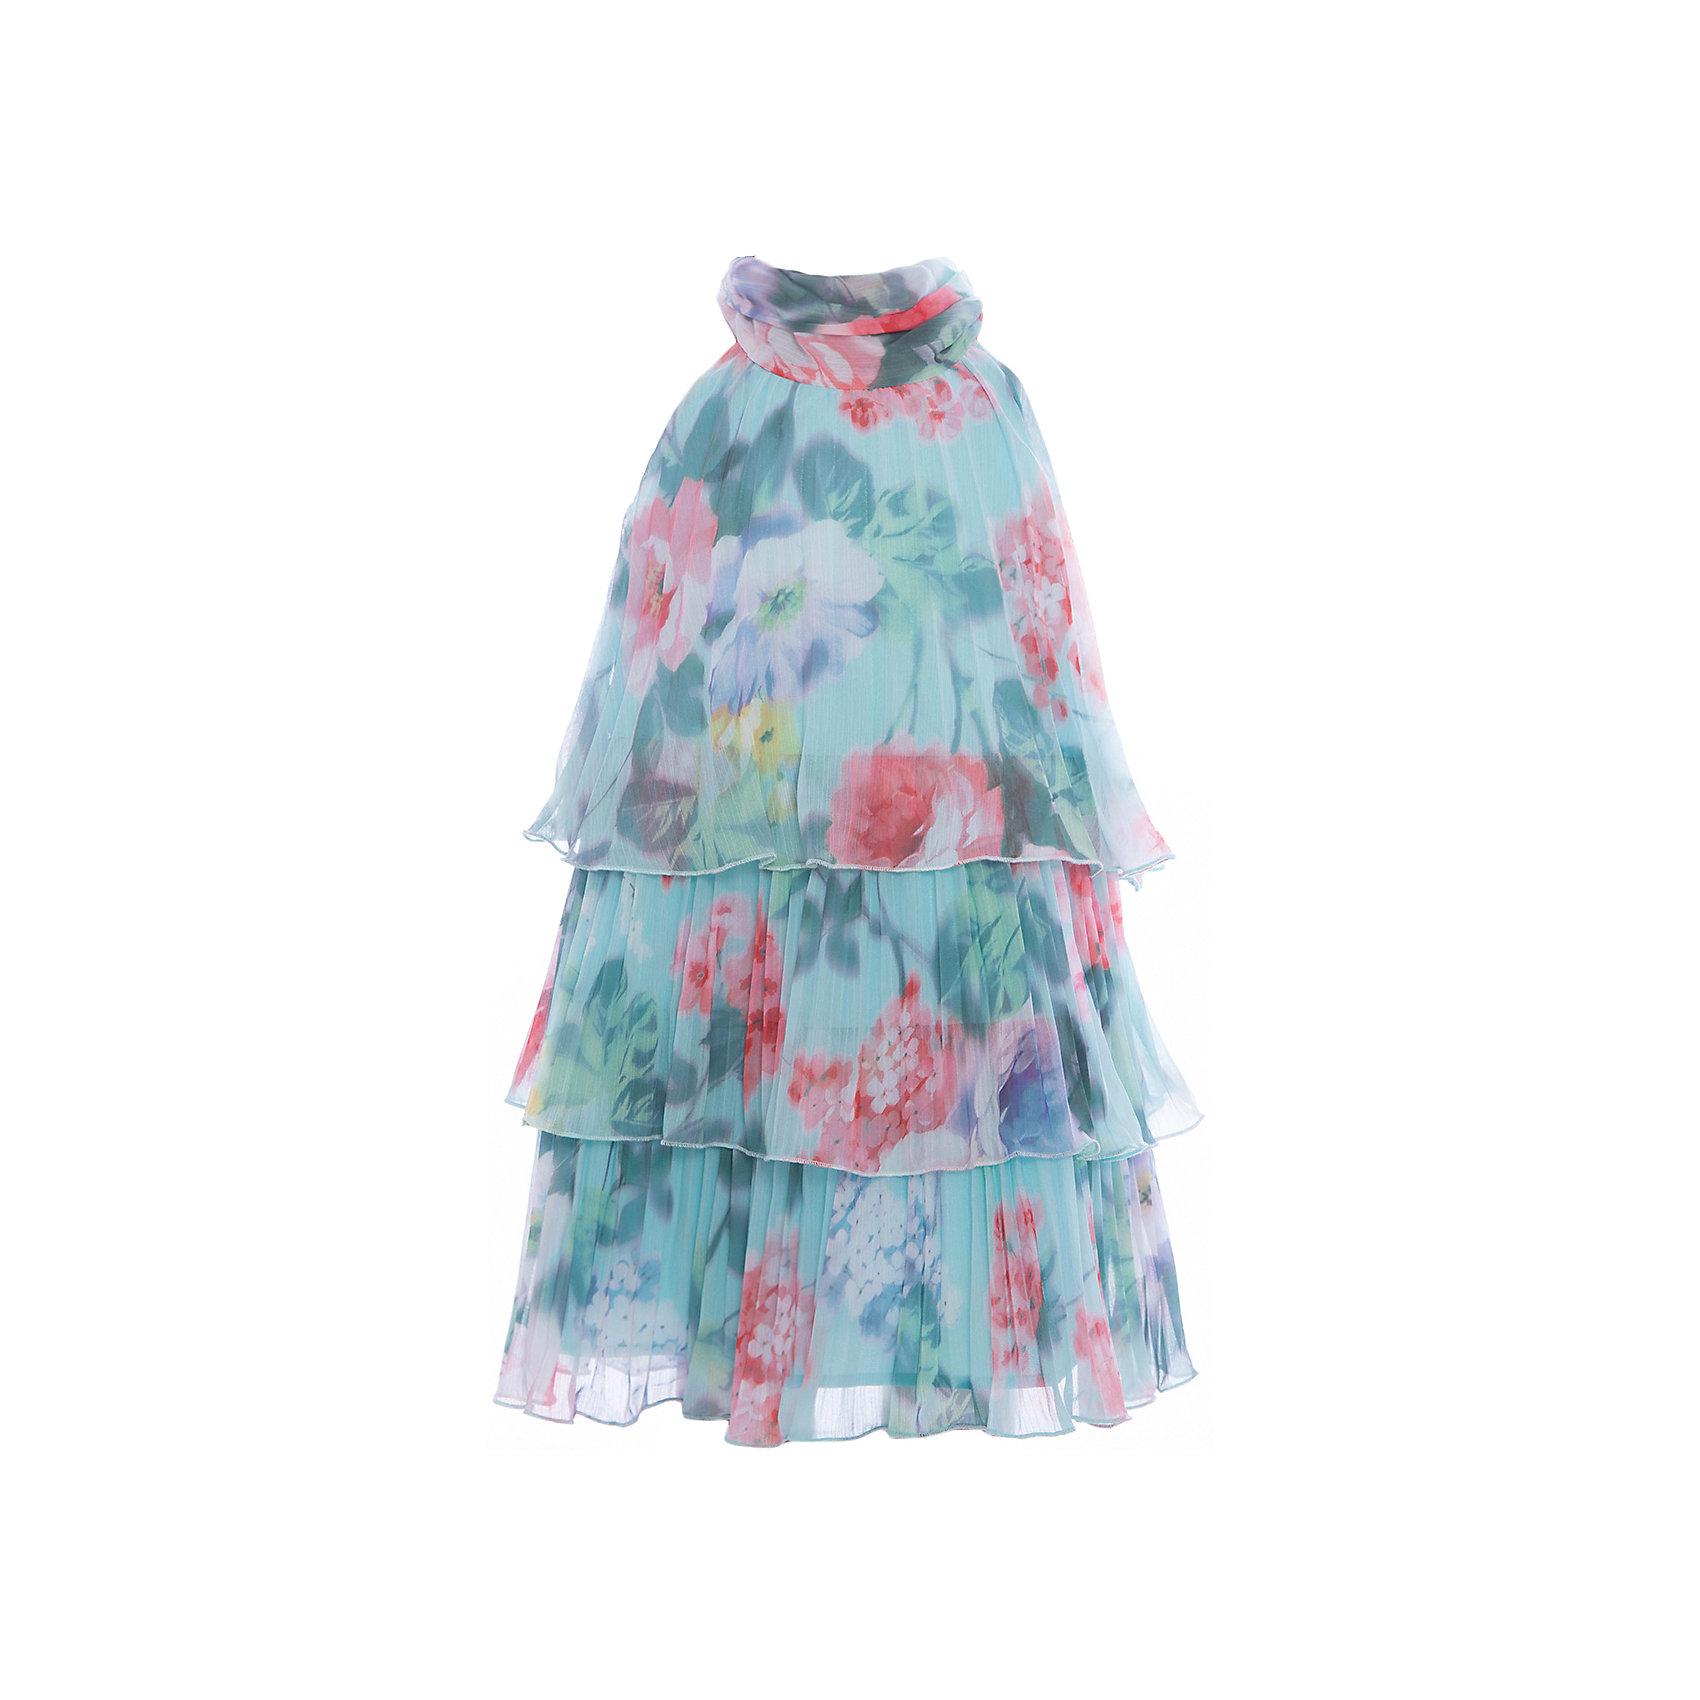 Платье для девочки GulliverВоздушный орнаментальный шифон… Любое платье из него - настоящий шедевр! Потрясающий цветочный рисунок ткани в розово-ментоловой гамме, летящий трапециевидный силуэт, элегантное оформление горловины легким бантом настраивают на романтический лад, создавая нежный благородный образ, наполненной красотой и изяществом. Если вы предпочитаете иметь в гардеробе девочки хотя бы одну стильную нарядную вещь, вам стоит купить платье из коллекции Акварель и вашему ребенку гарантирован образ современной принцессы с хорошим вкусом и благородными манерами.<br>Состав:<br>100% хлопок/ 100% полиэстер<br><br>Ширина мм: 236<br>Глубина мм: 16<br>Высота мм: 184<br>Вес г: 177<br>Цвет: голубой<br>Возраст от месяцев: 24<br>Возраст до месяцев: 36<br>Пол: Женский<br>Возраст: Детский<br>Размер: 98,104,110,116<br>SKU: 5483389